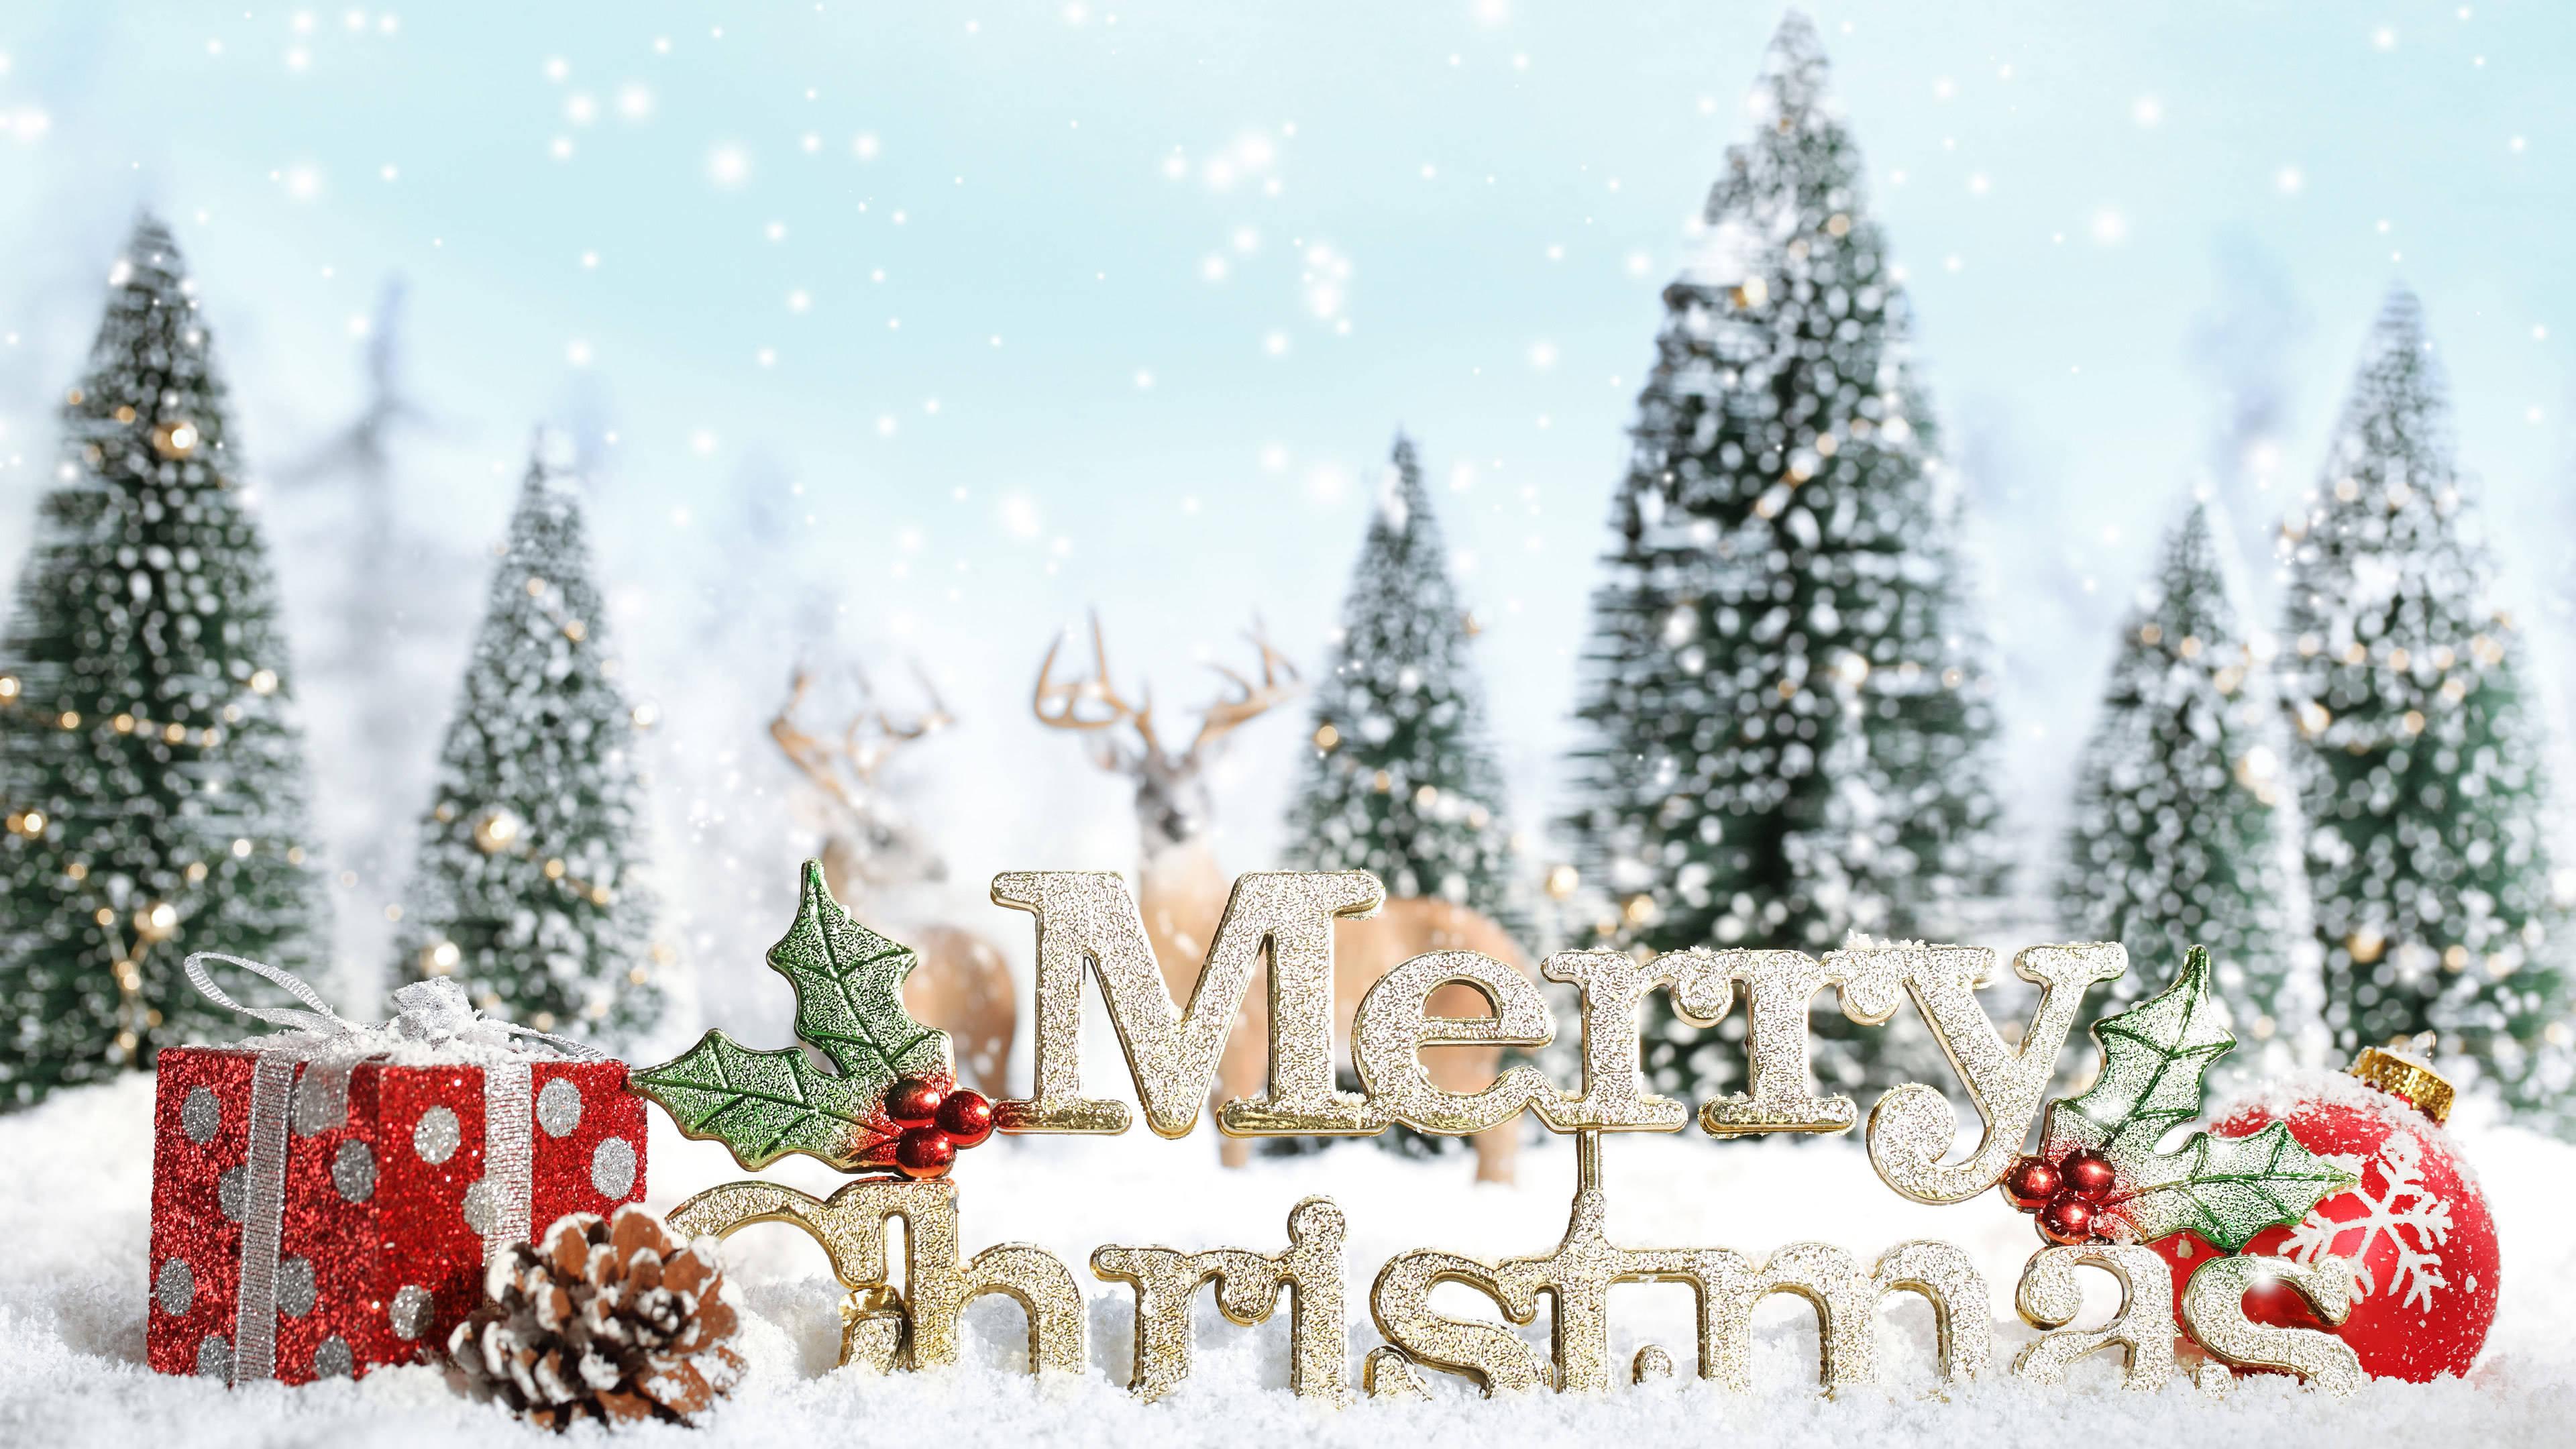 Merry Christmas Text UHD 4K Wallpaper Pixelz 3840x2160